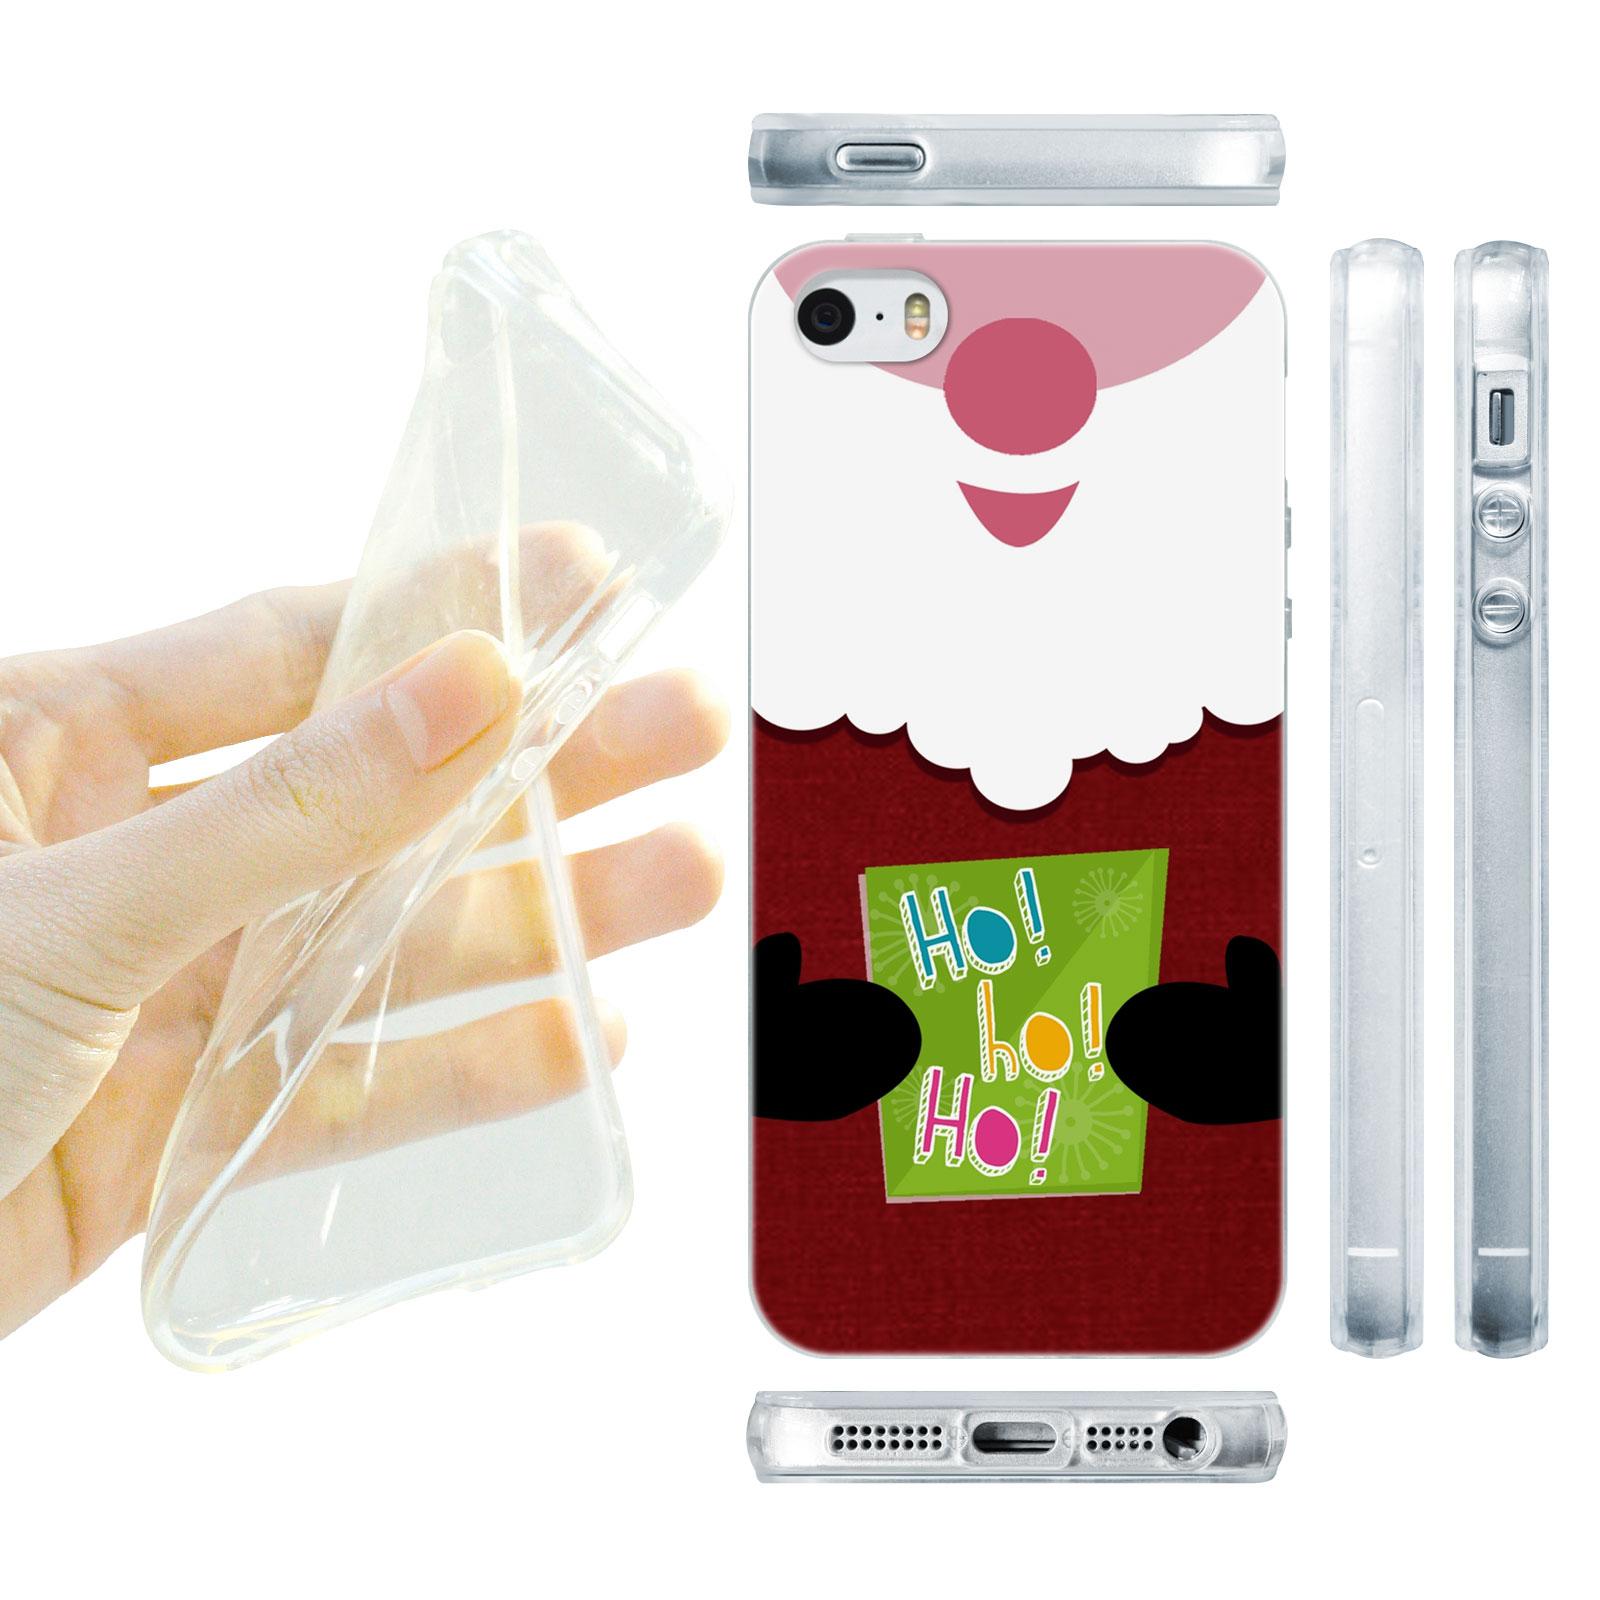 HEAD CASE silikonový obal na mobil Iphone 5/5S Vzor vánoce Santa HO HO HO